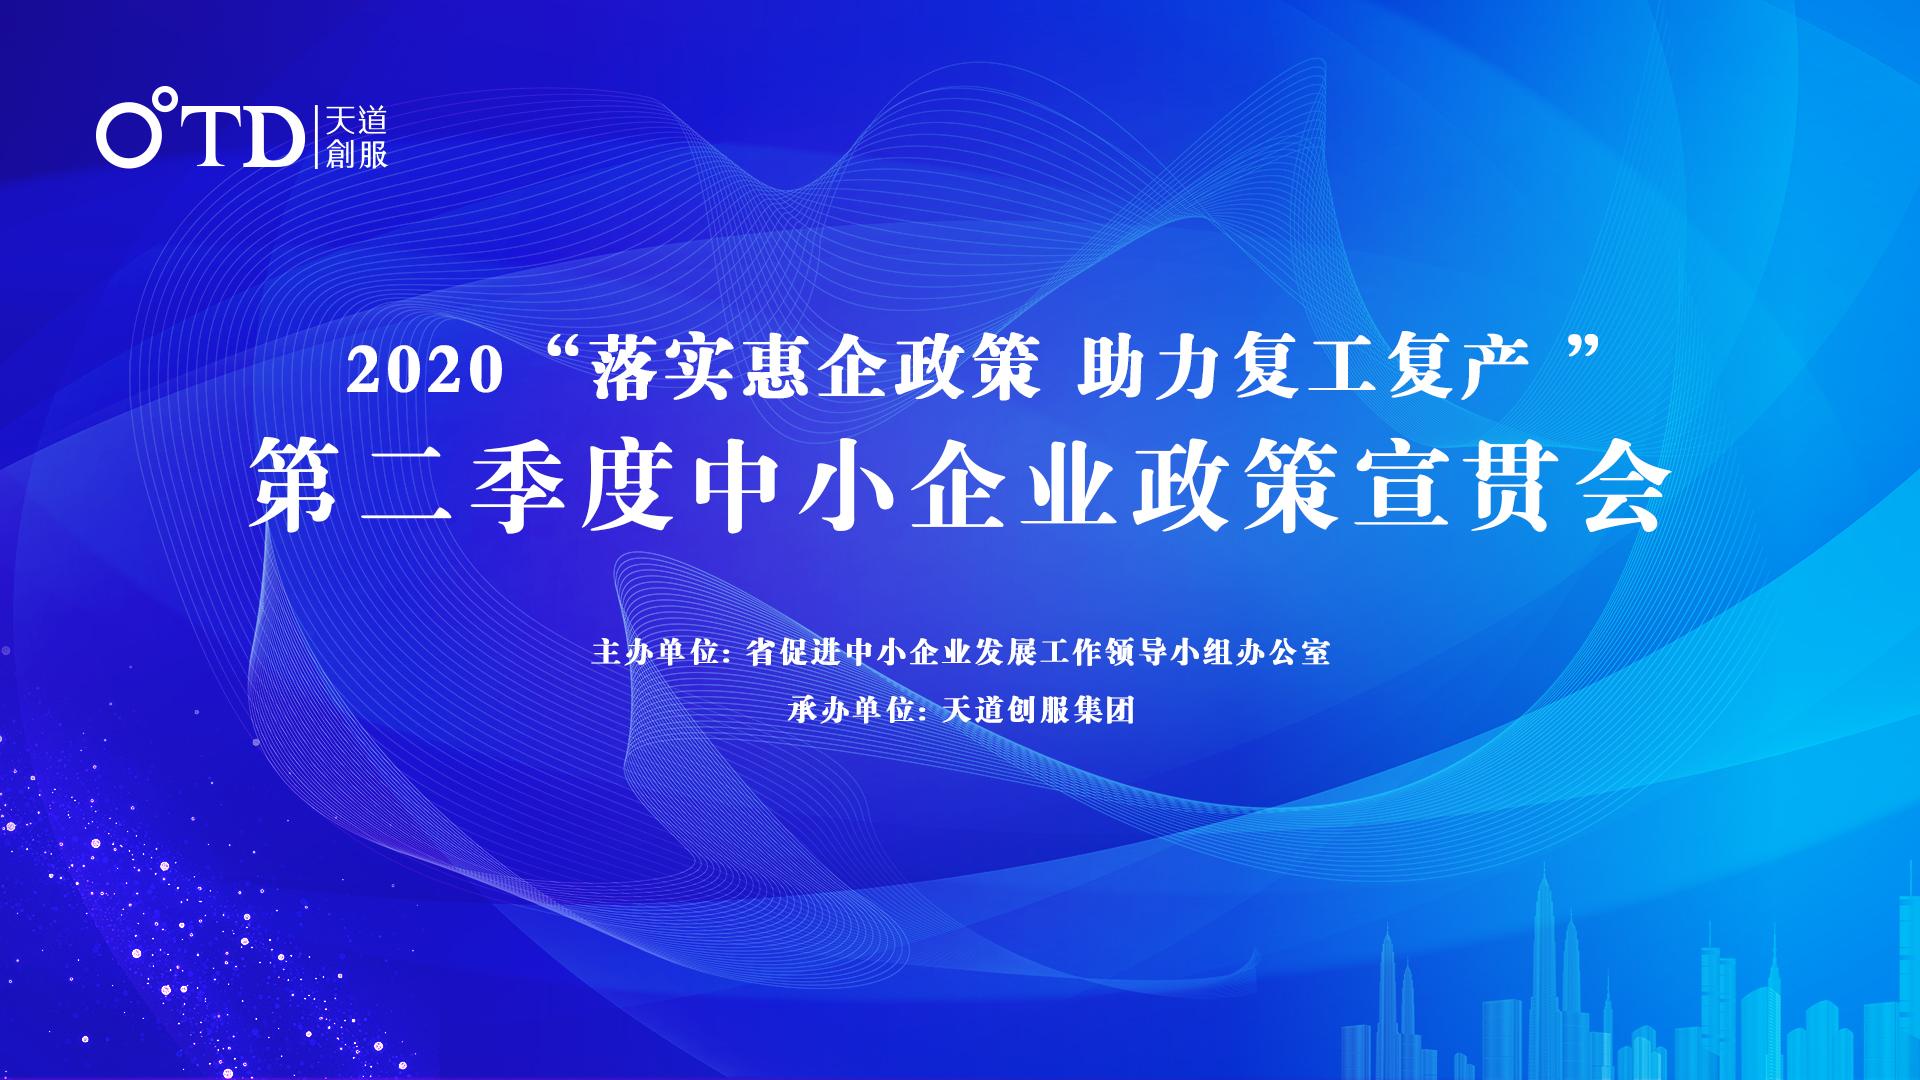 """2020""""落实惠企政策 助力复工复产 """" 第二季度中小企业政策宣贯会"""